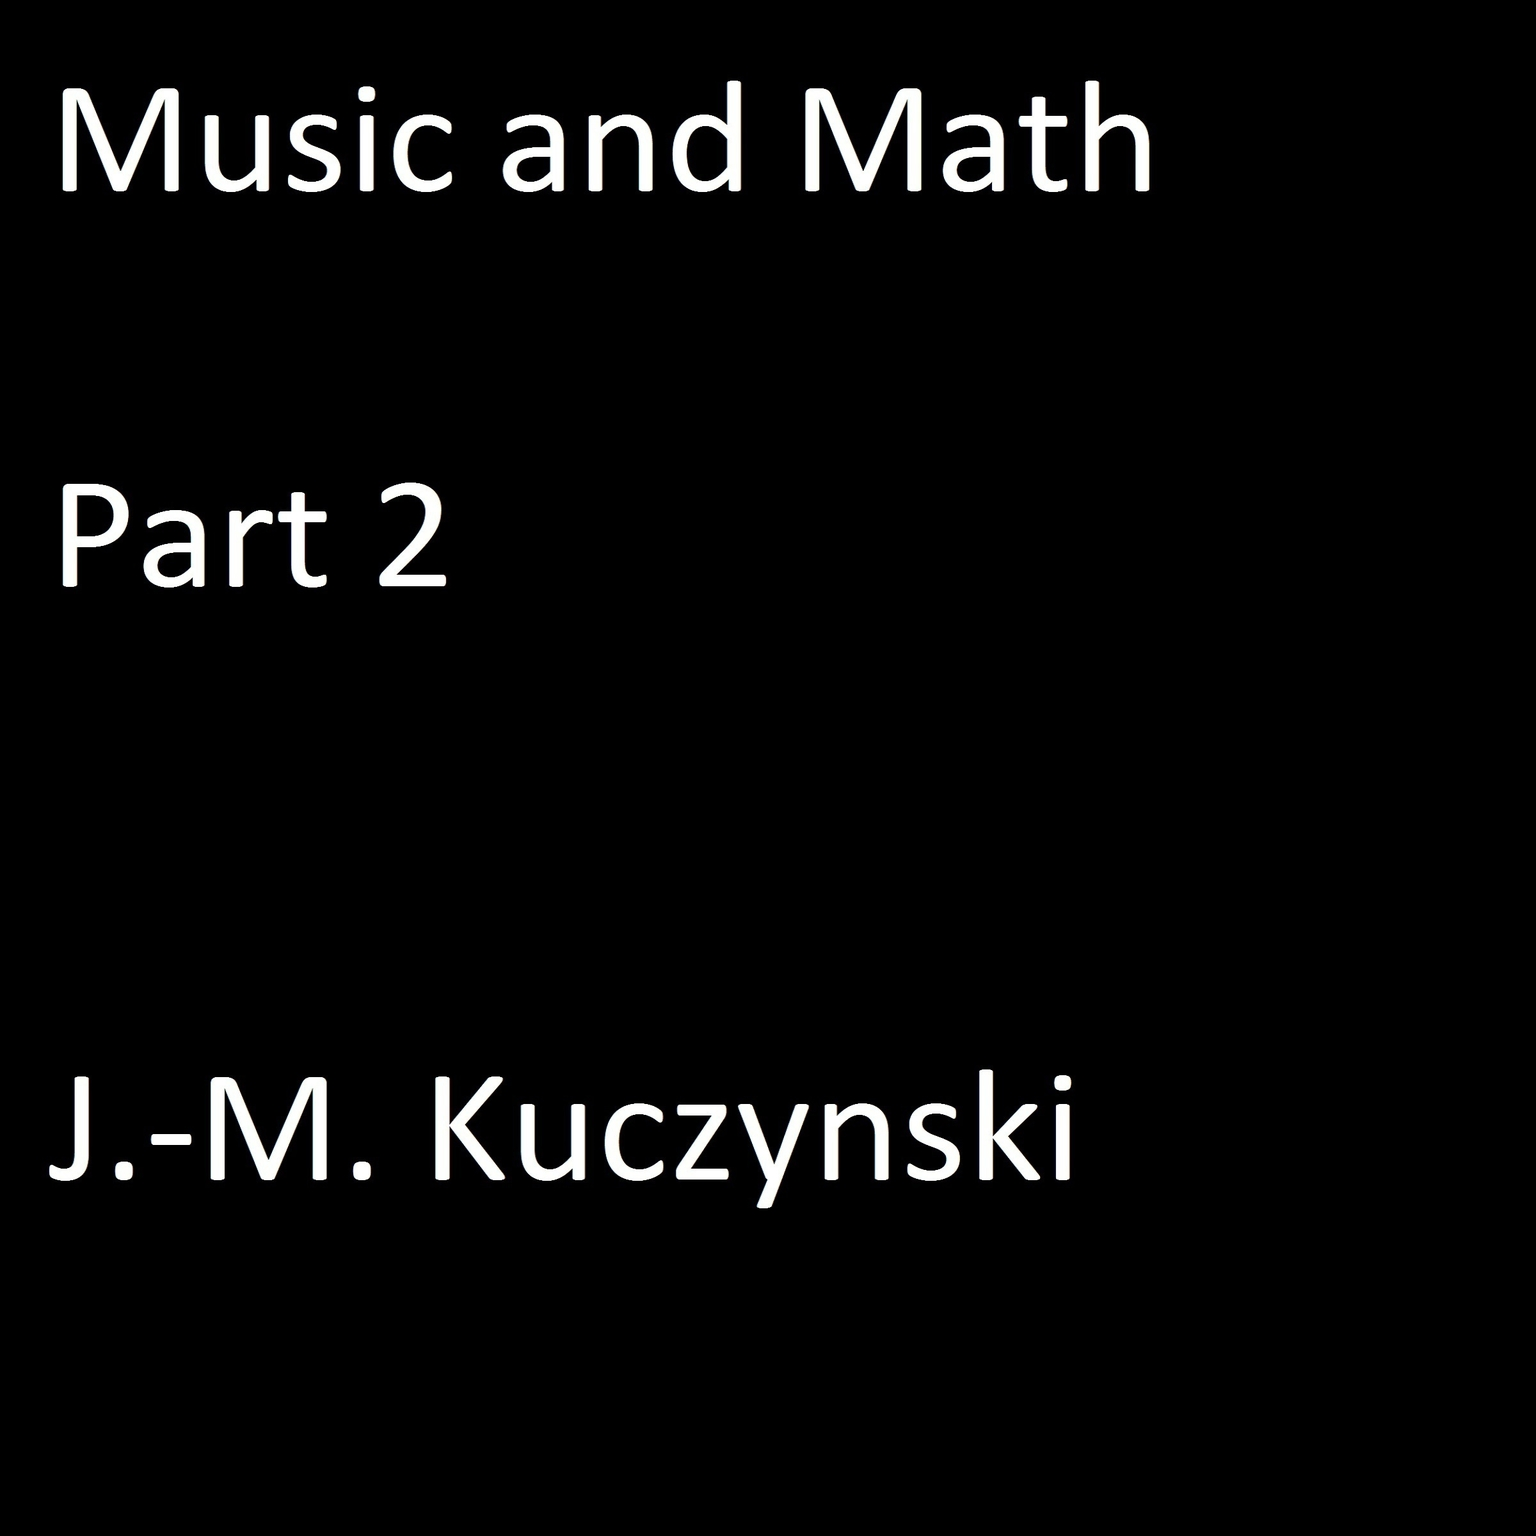 Music and Math, Part 2 Audiobook, by J. M. Kuczynski